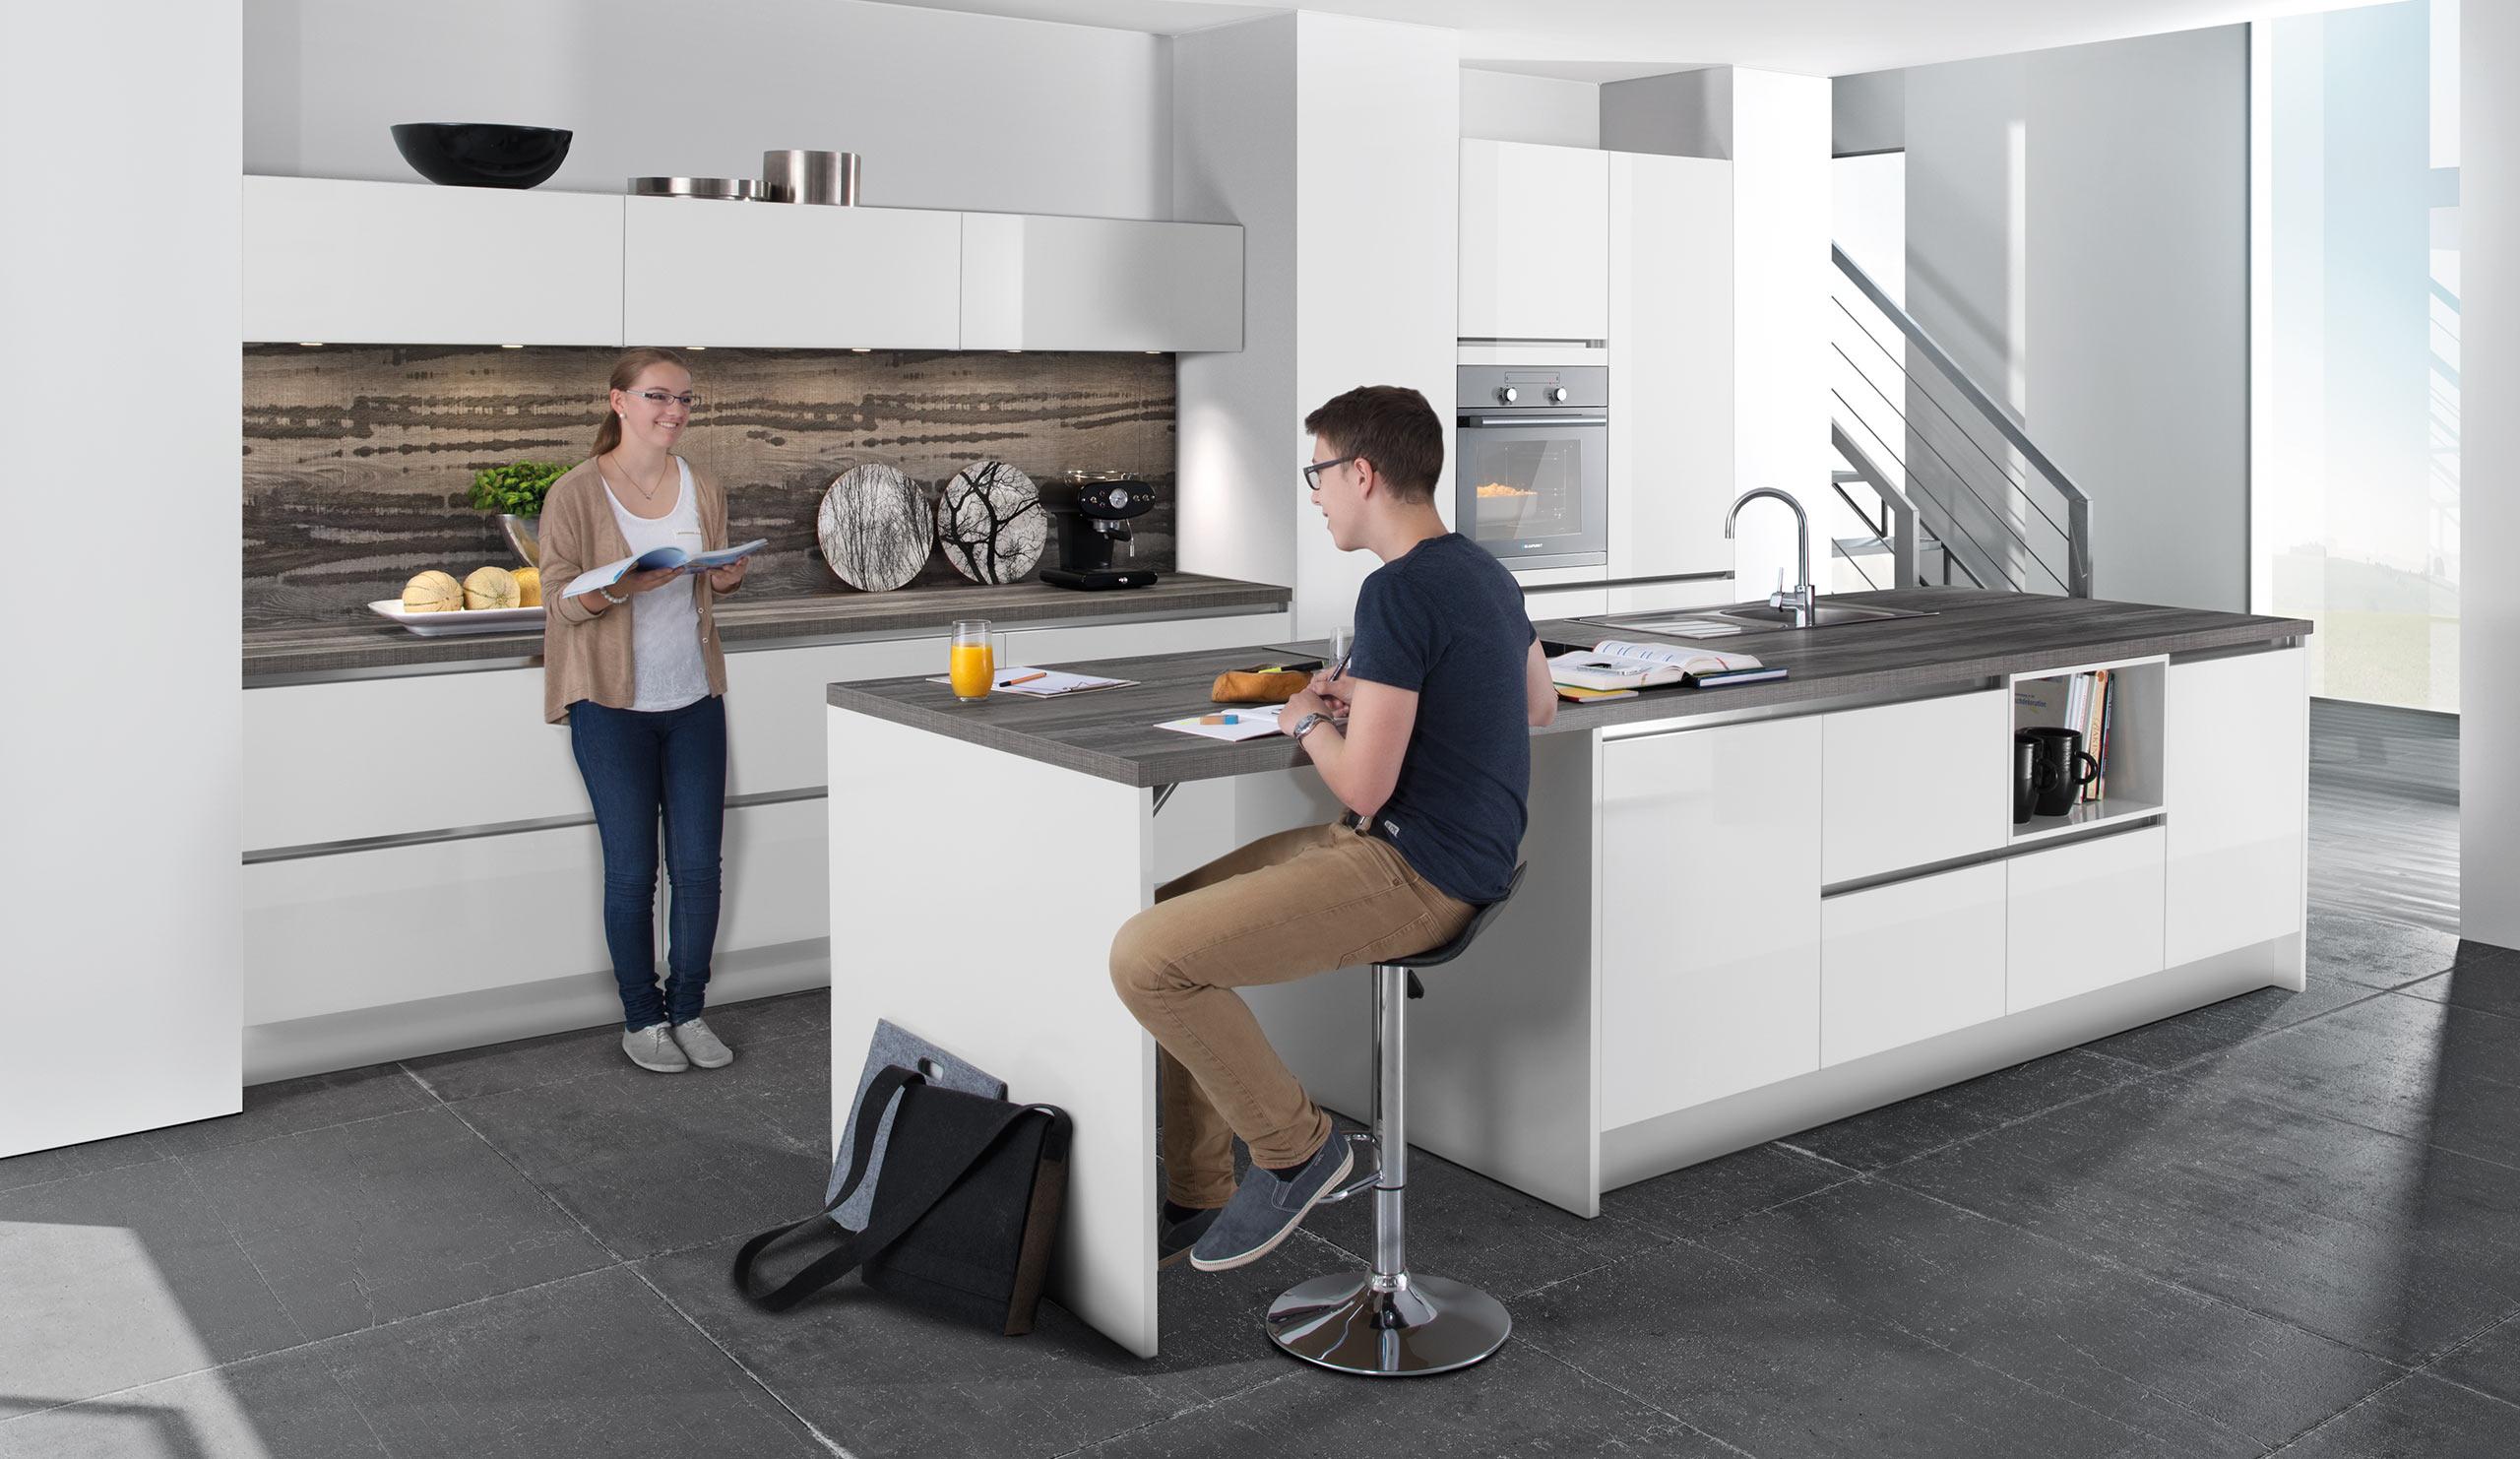 Full Size of Moderne Einbaukche Classica 1230 Weiss Hochglanz Kchenquelle Küchen Regal Wohnzimmer Küchen Quelle